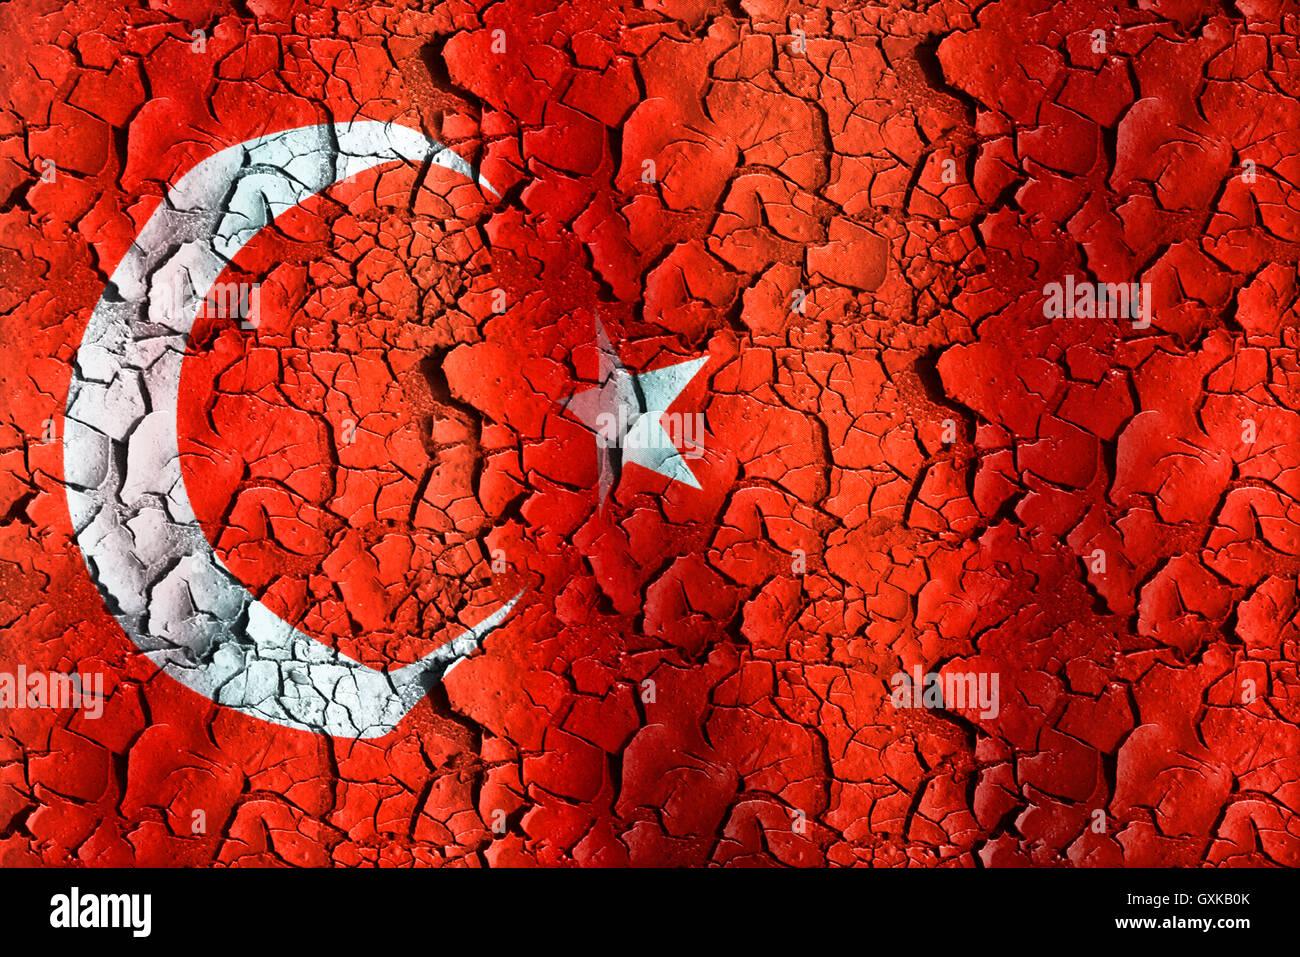 Fahne der Türkei auf abblätterndem Grund, Symbolfoto für politische Entwicklungen in der Türkei Stock Photo